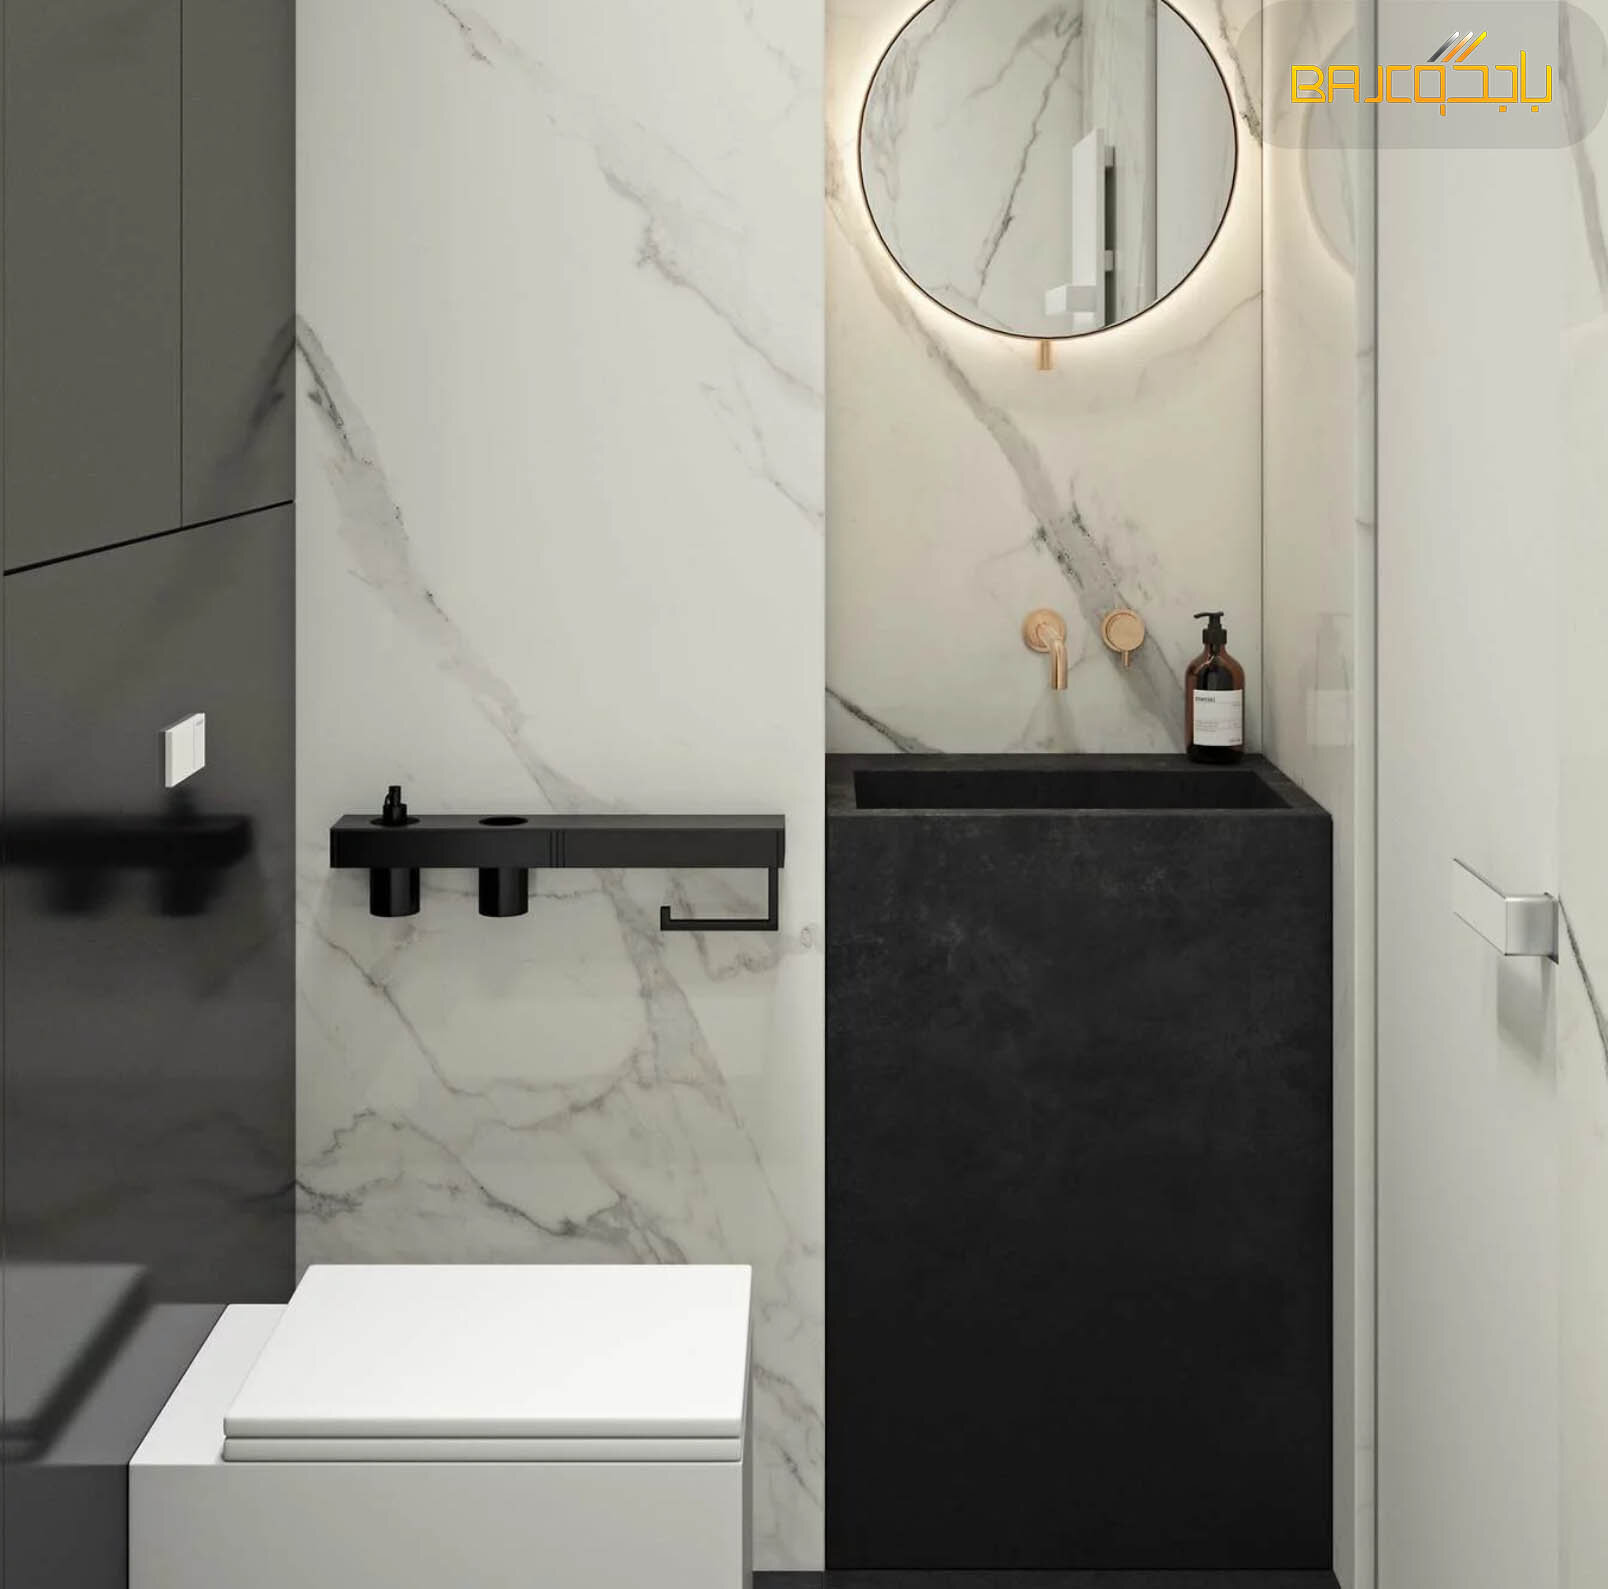 مغسلة صغيرة داخل الحمام رخام اسود